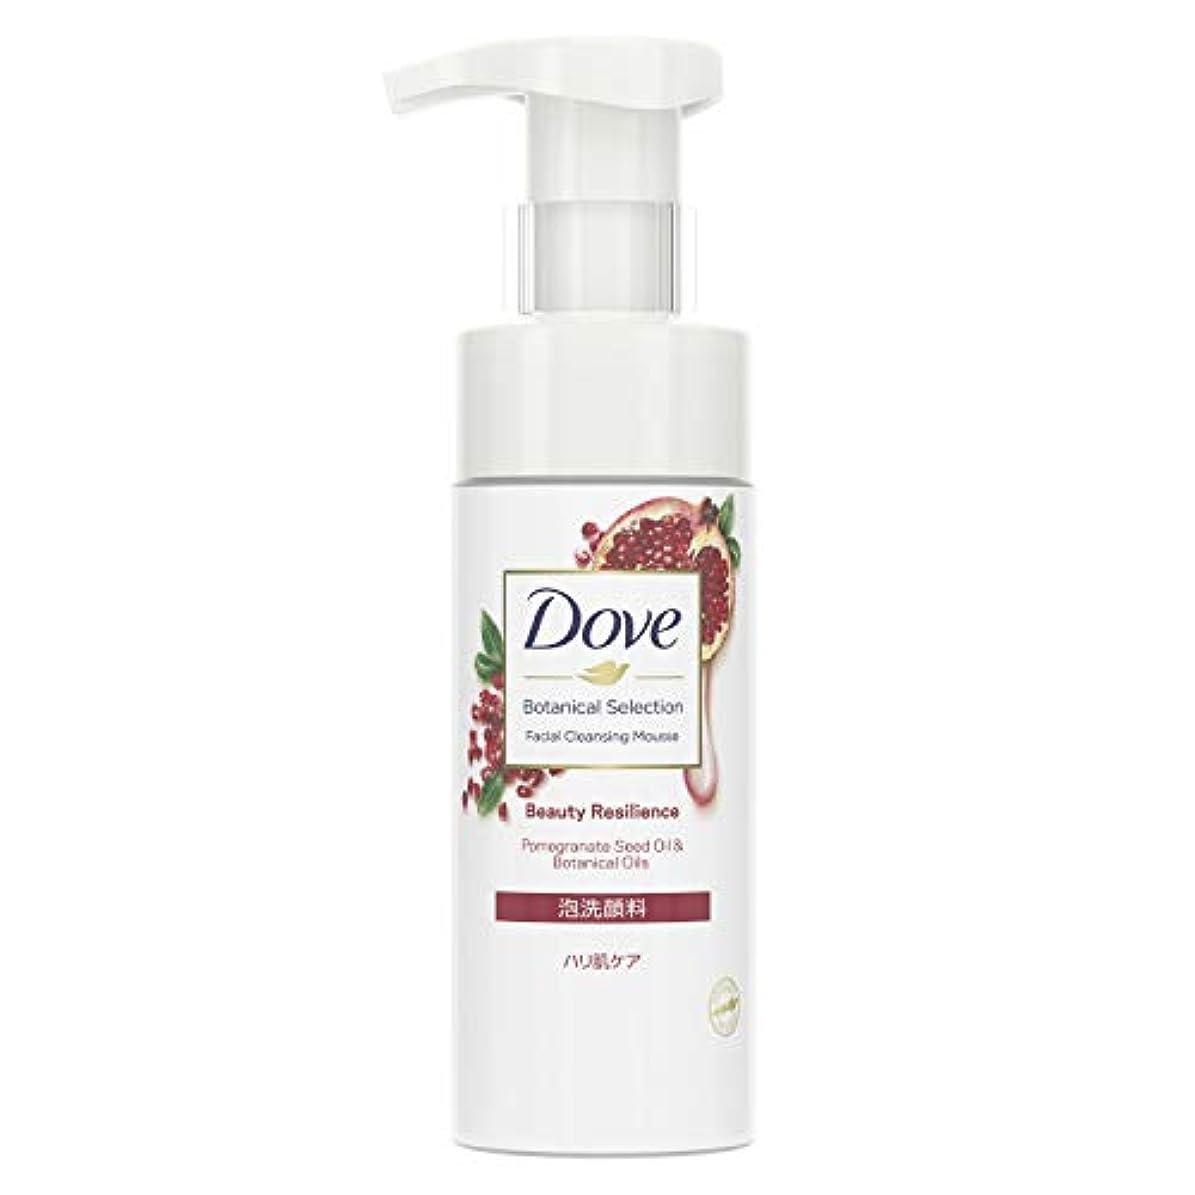 Dove(ダヴ) ダヴ ボタニカルセレクション ビューティーレジリエンス 泡洗顔料 145mL